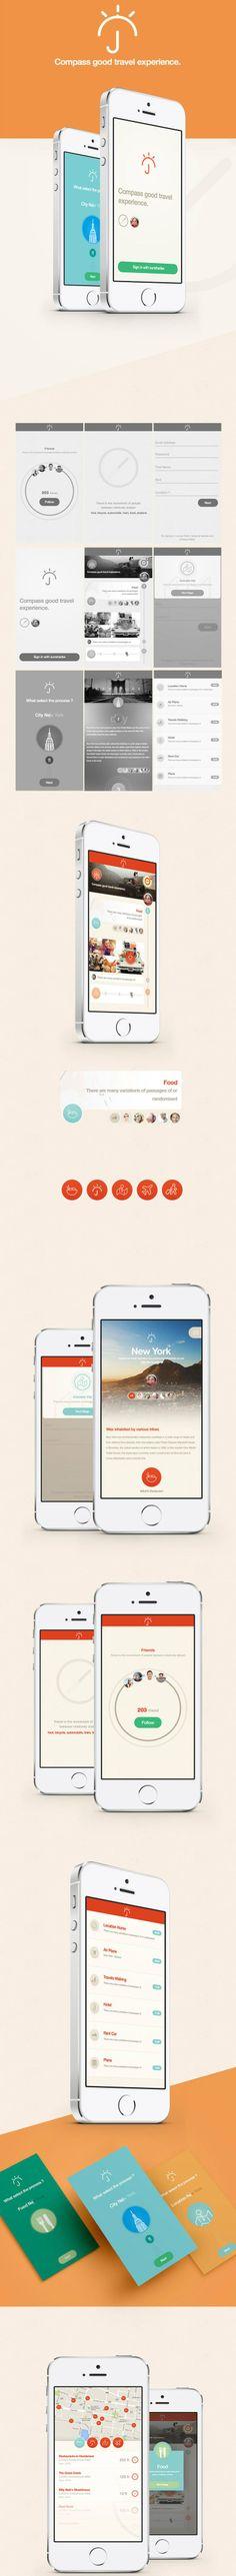 Daily Mobile UI Design Inspiration #286